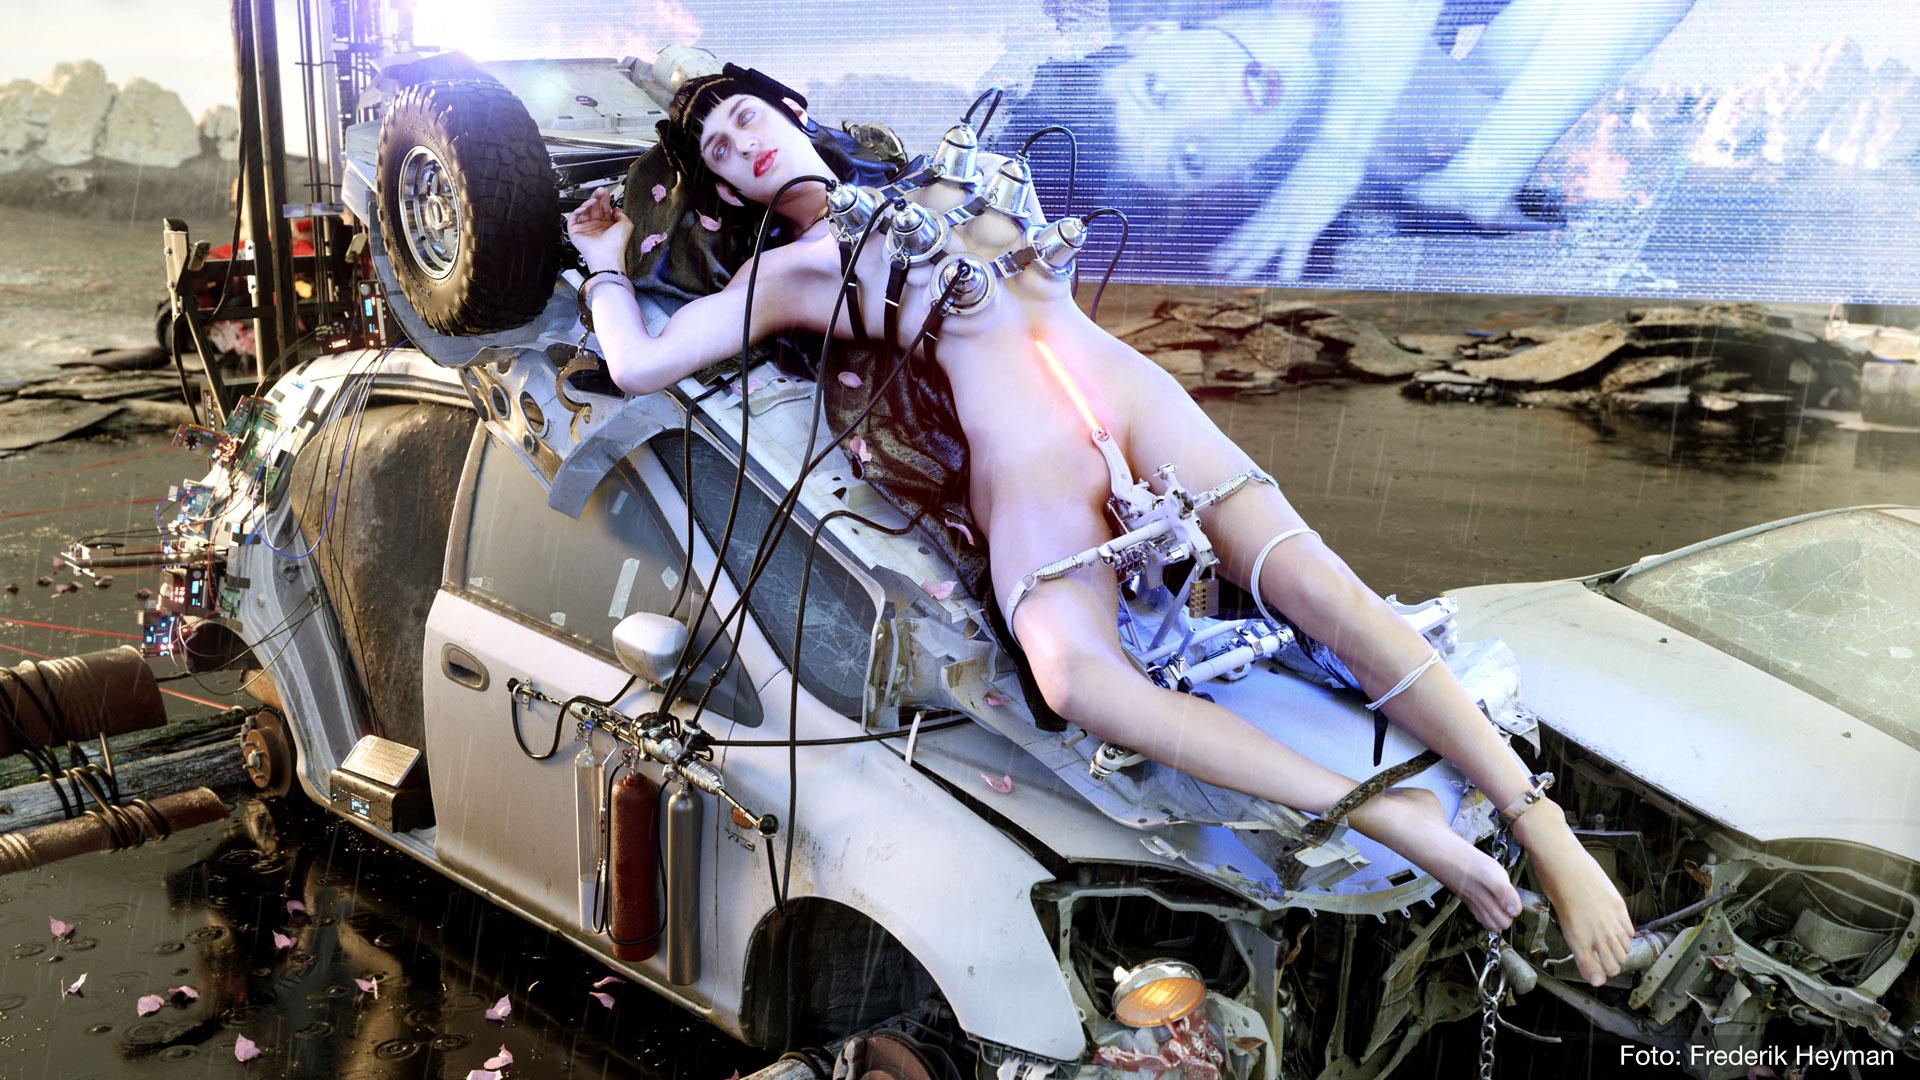 """Diva Experimental, uno de los alter egos de Ghersi, conceptualizada y diseñada junto al artista 3D Frederik Heyman para su pieza """"@@@@@"""". Imagen por Frederik Heyman."""